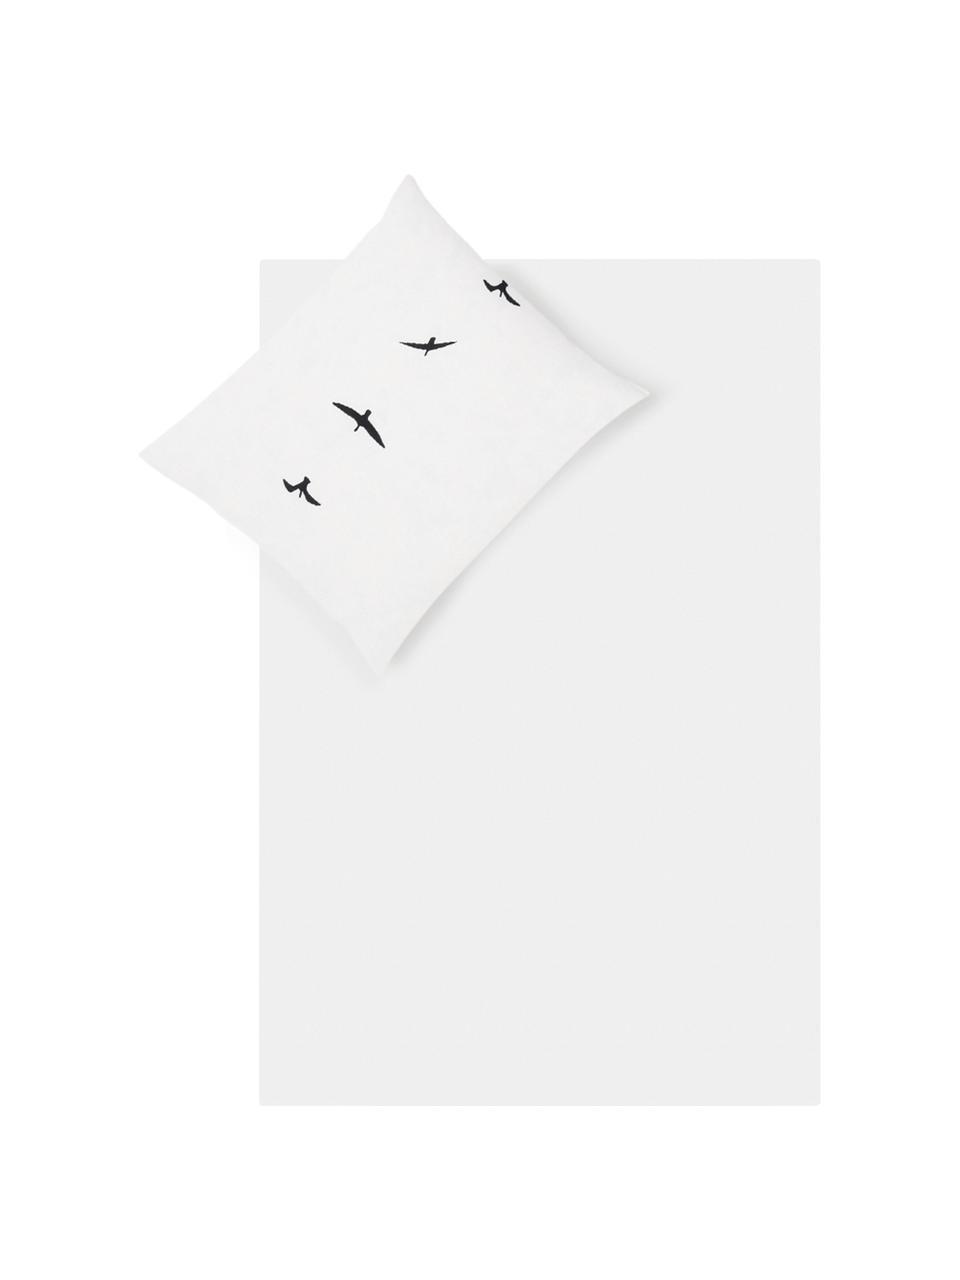 Dubbelzijdig dekbedovertrek Trip, Katoen, Bovenzijde: wit, zwart. Onderzijde: wit, 140 x 200 cm